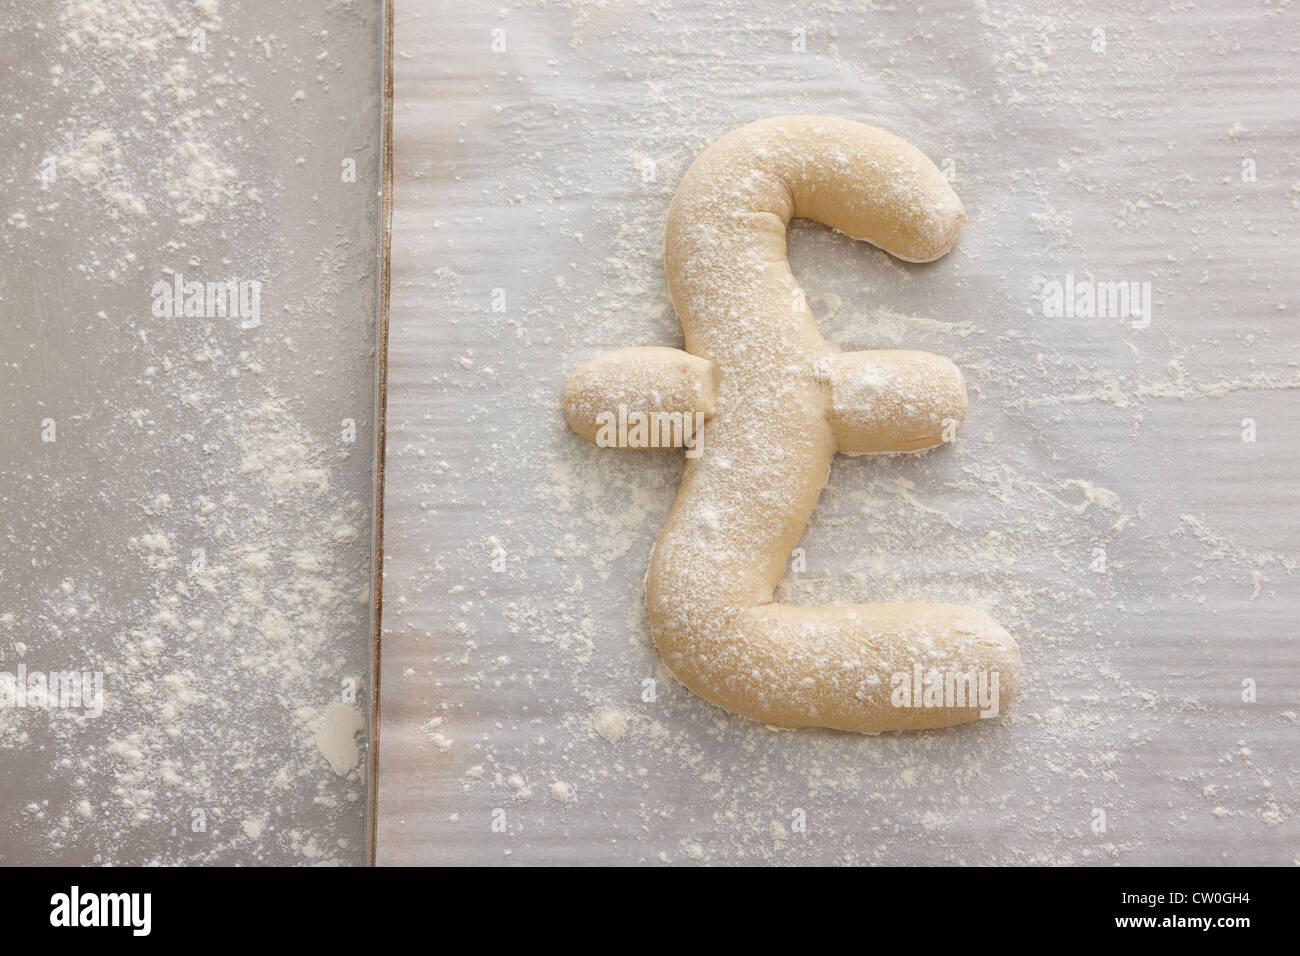 Pasta di pane a forma di simbolo cancelletto Immagini Stock